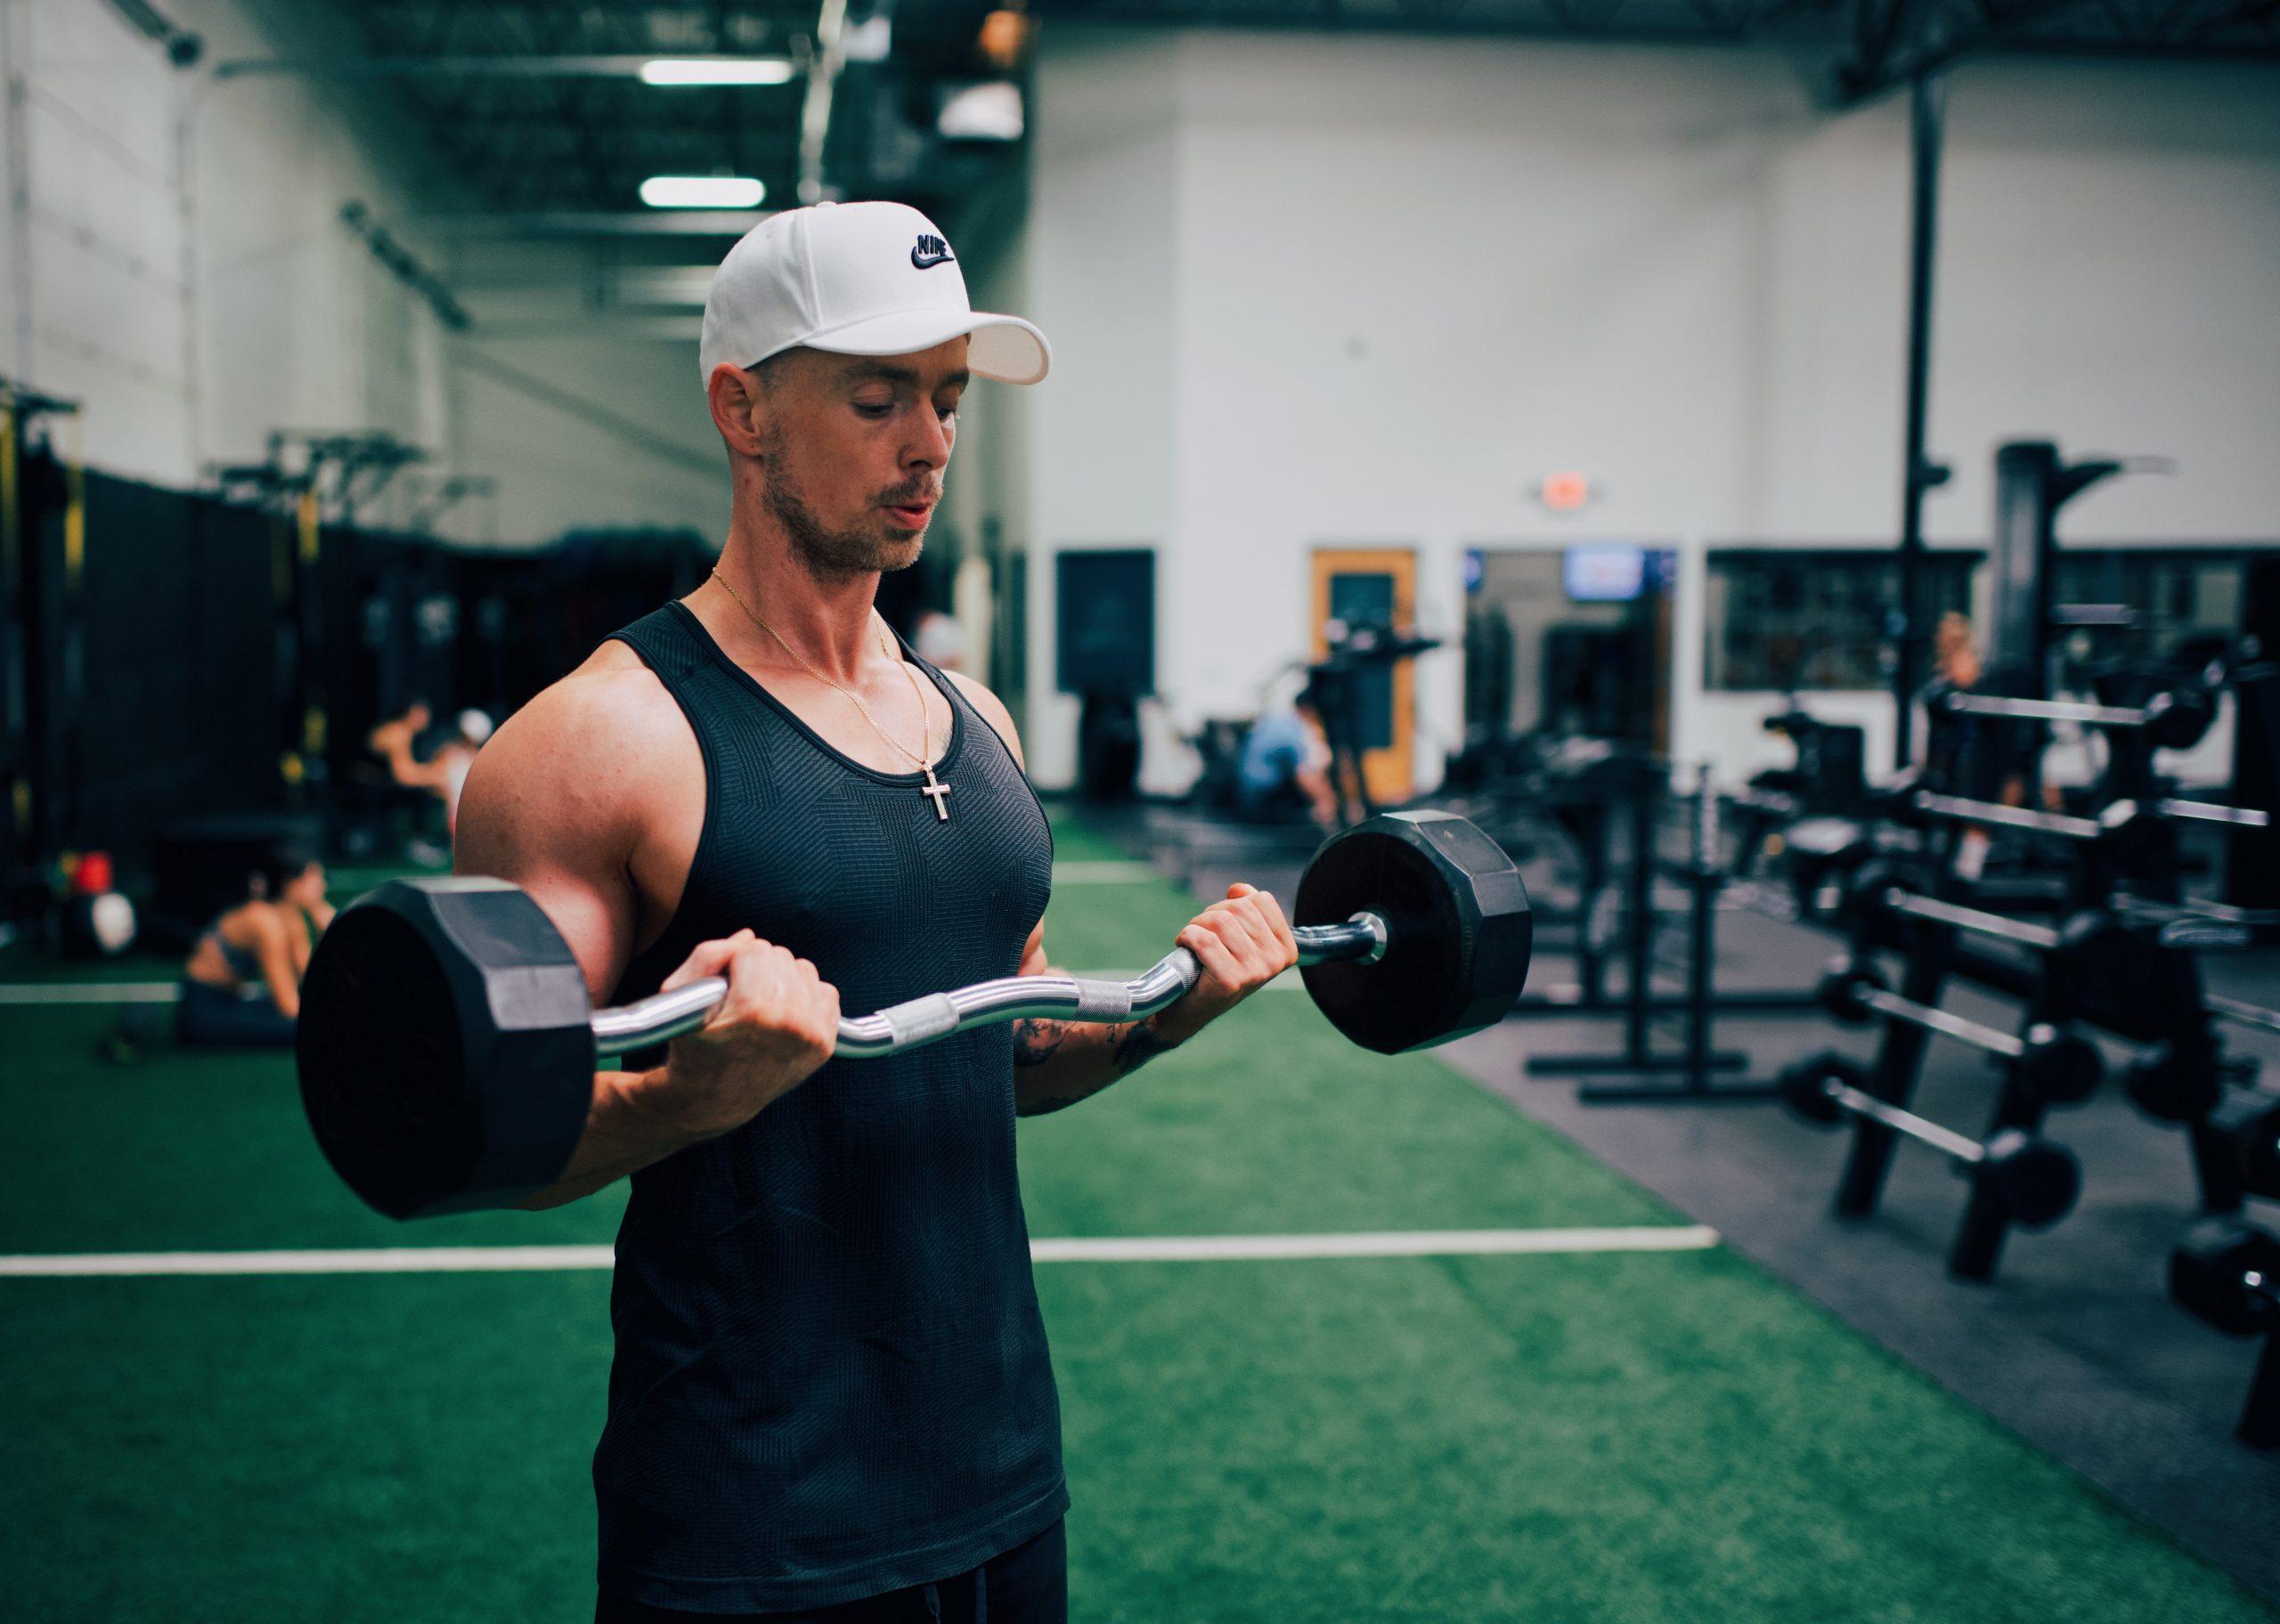 Imagem de um homem se exercitando